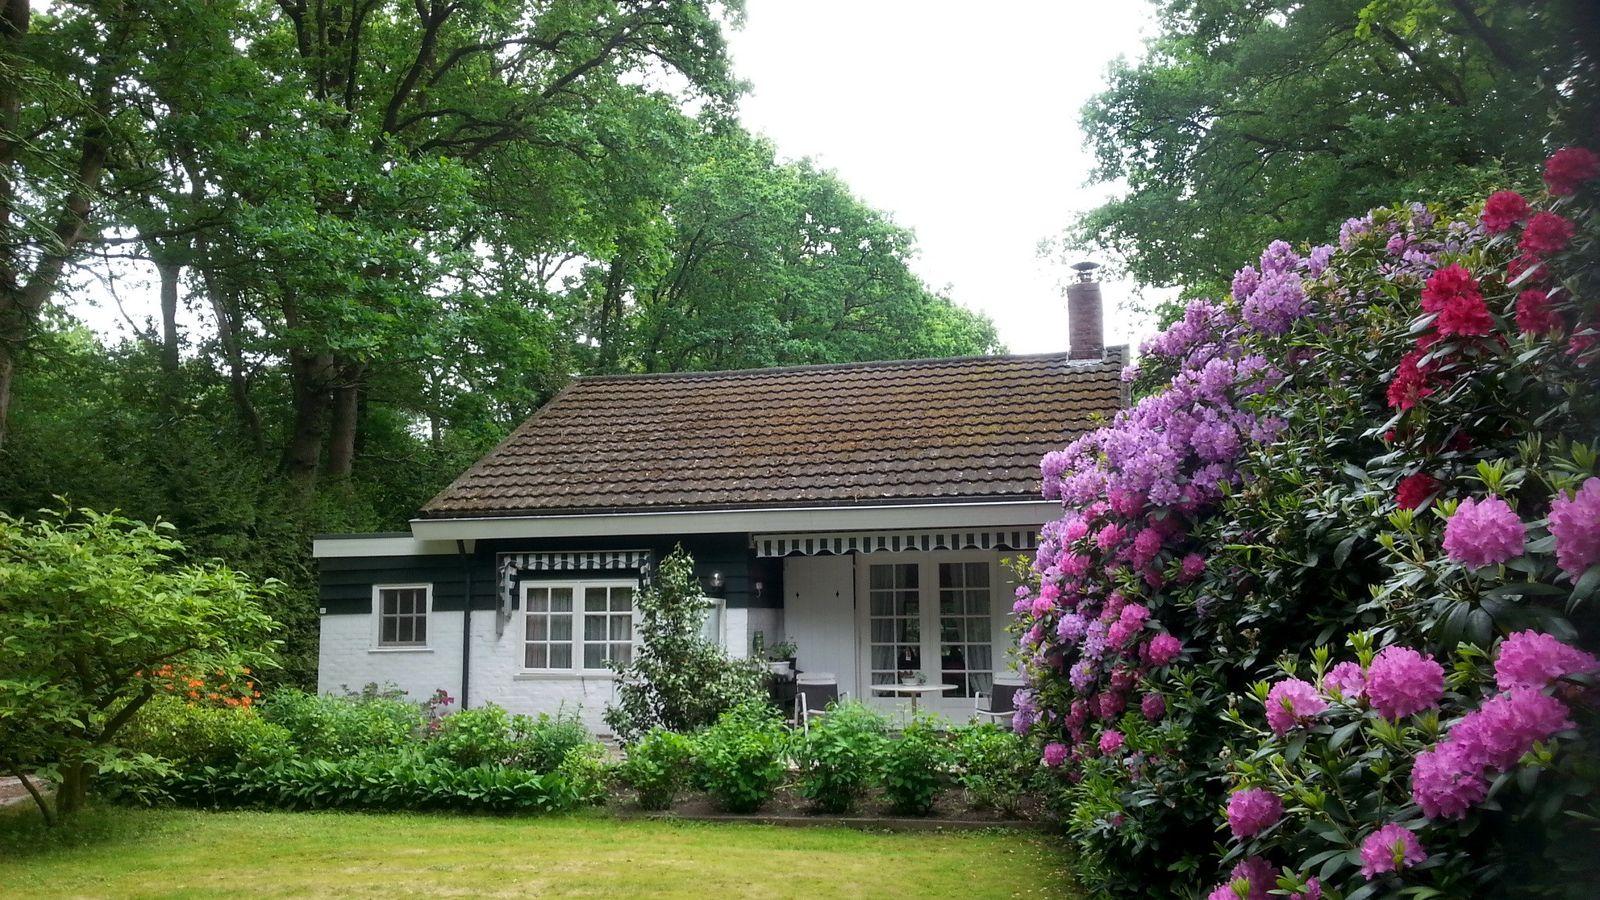 Langeloerweg 32, Norg